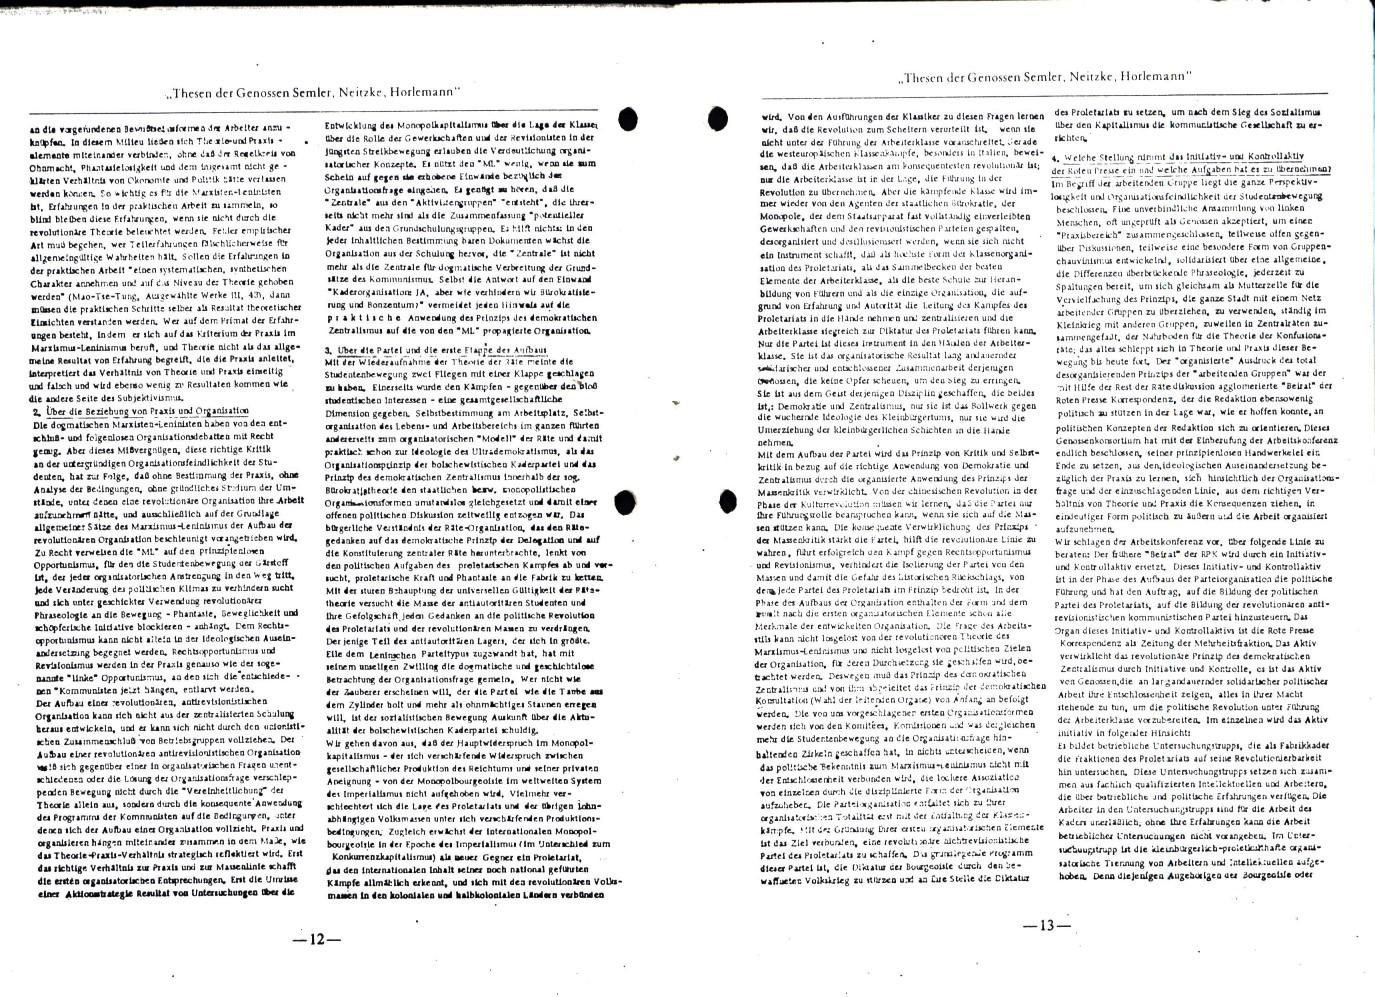 KPDML_1976_Dokumente_zur_Gruendung_08